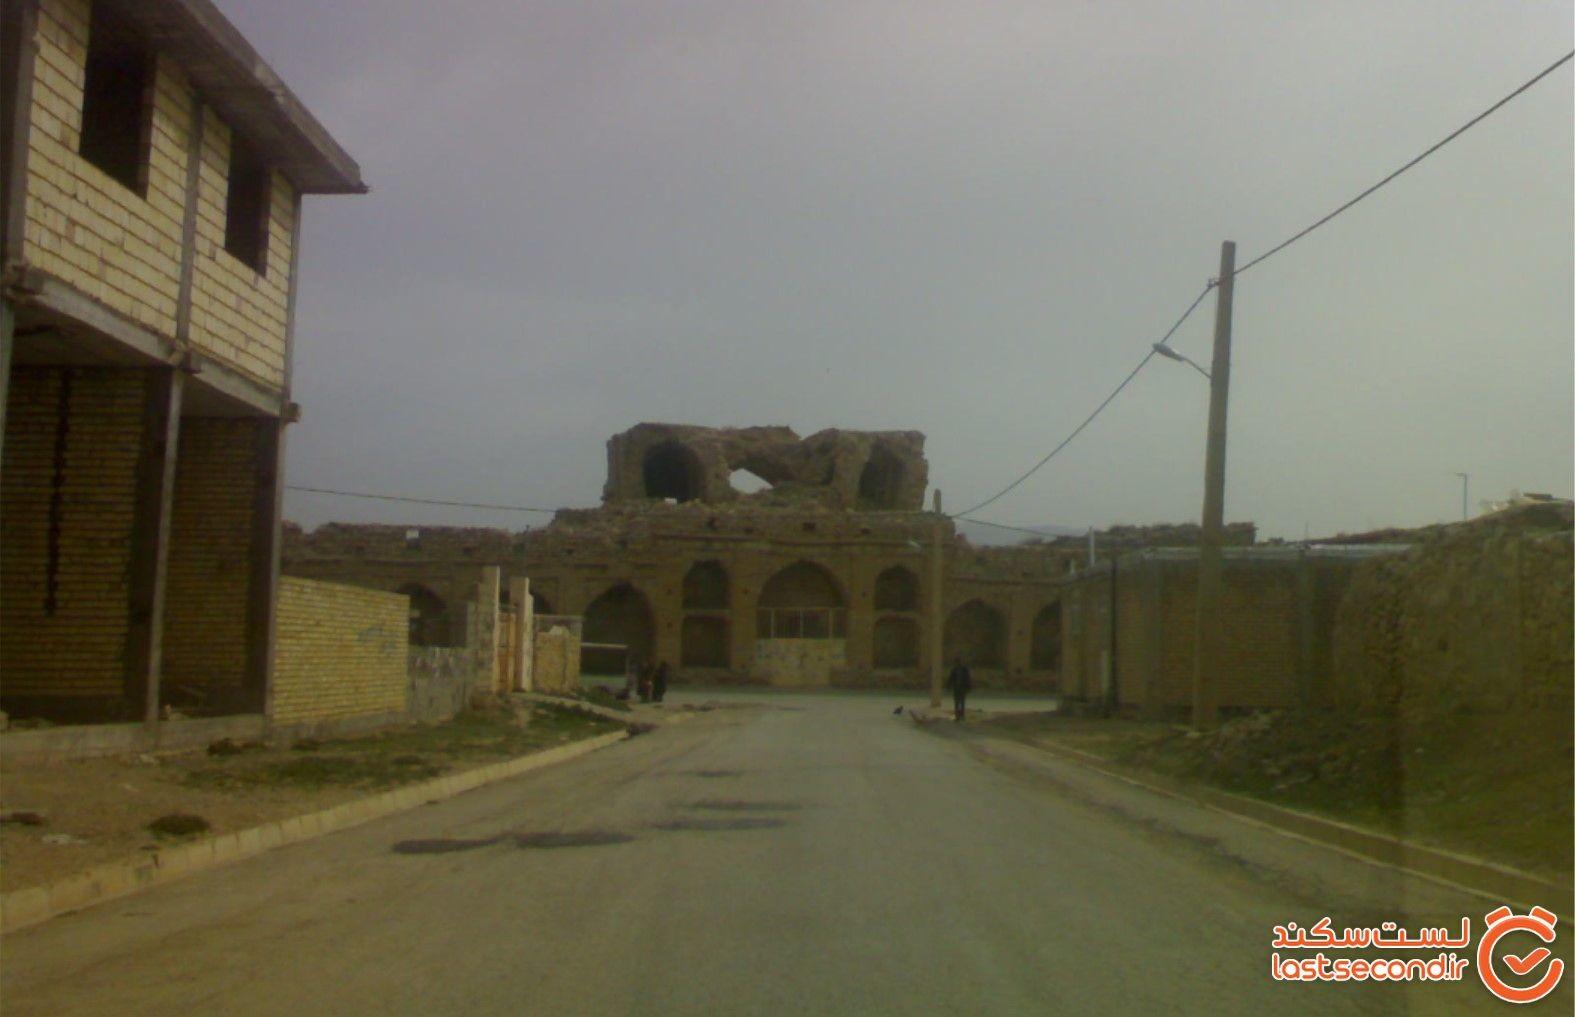 شهر خان زنیان شیراز